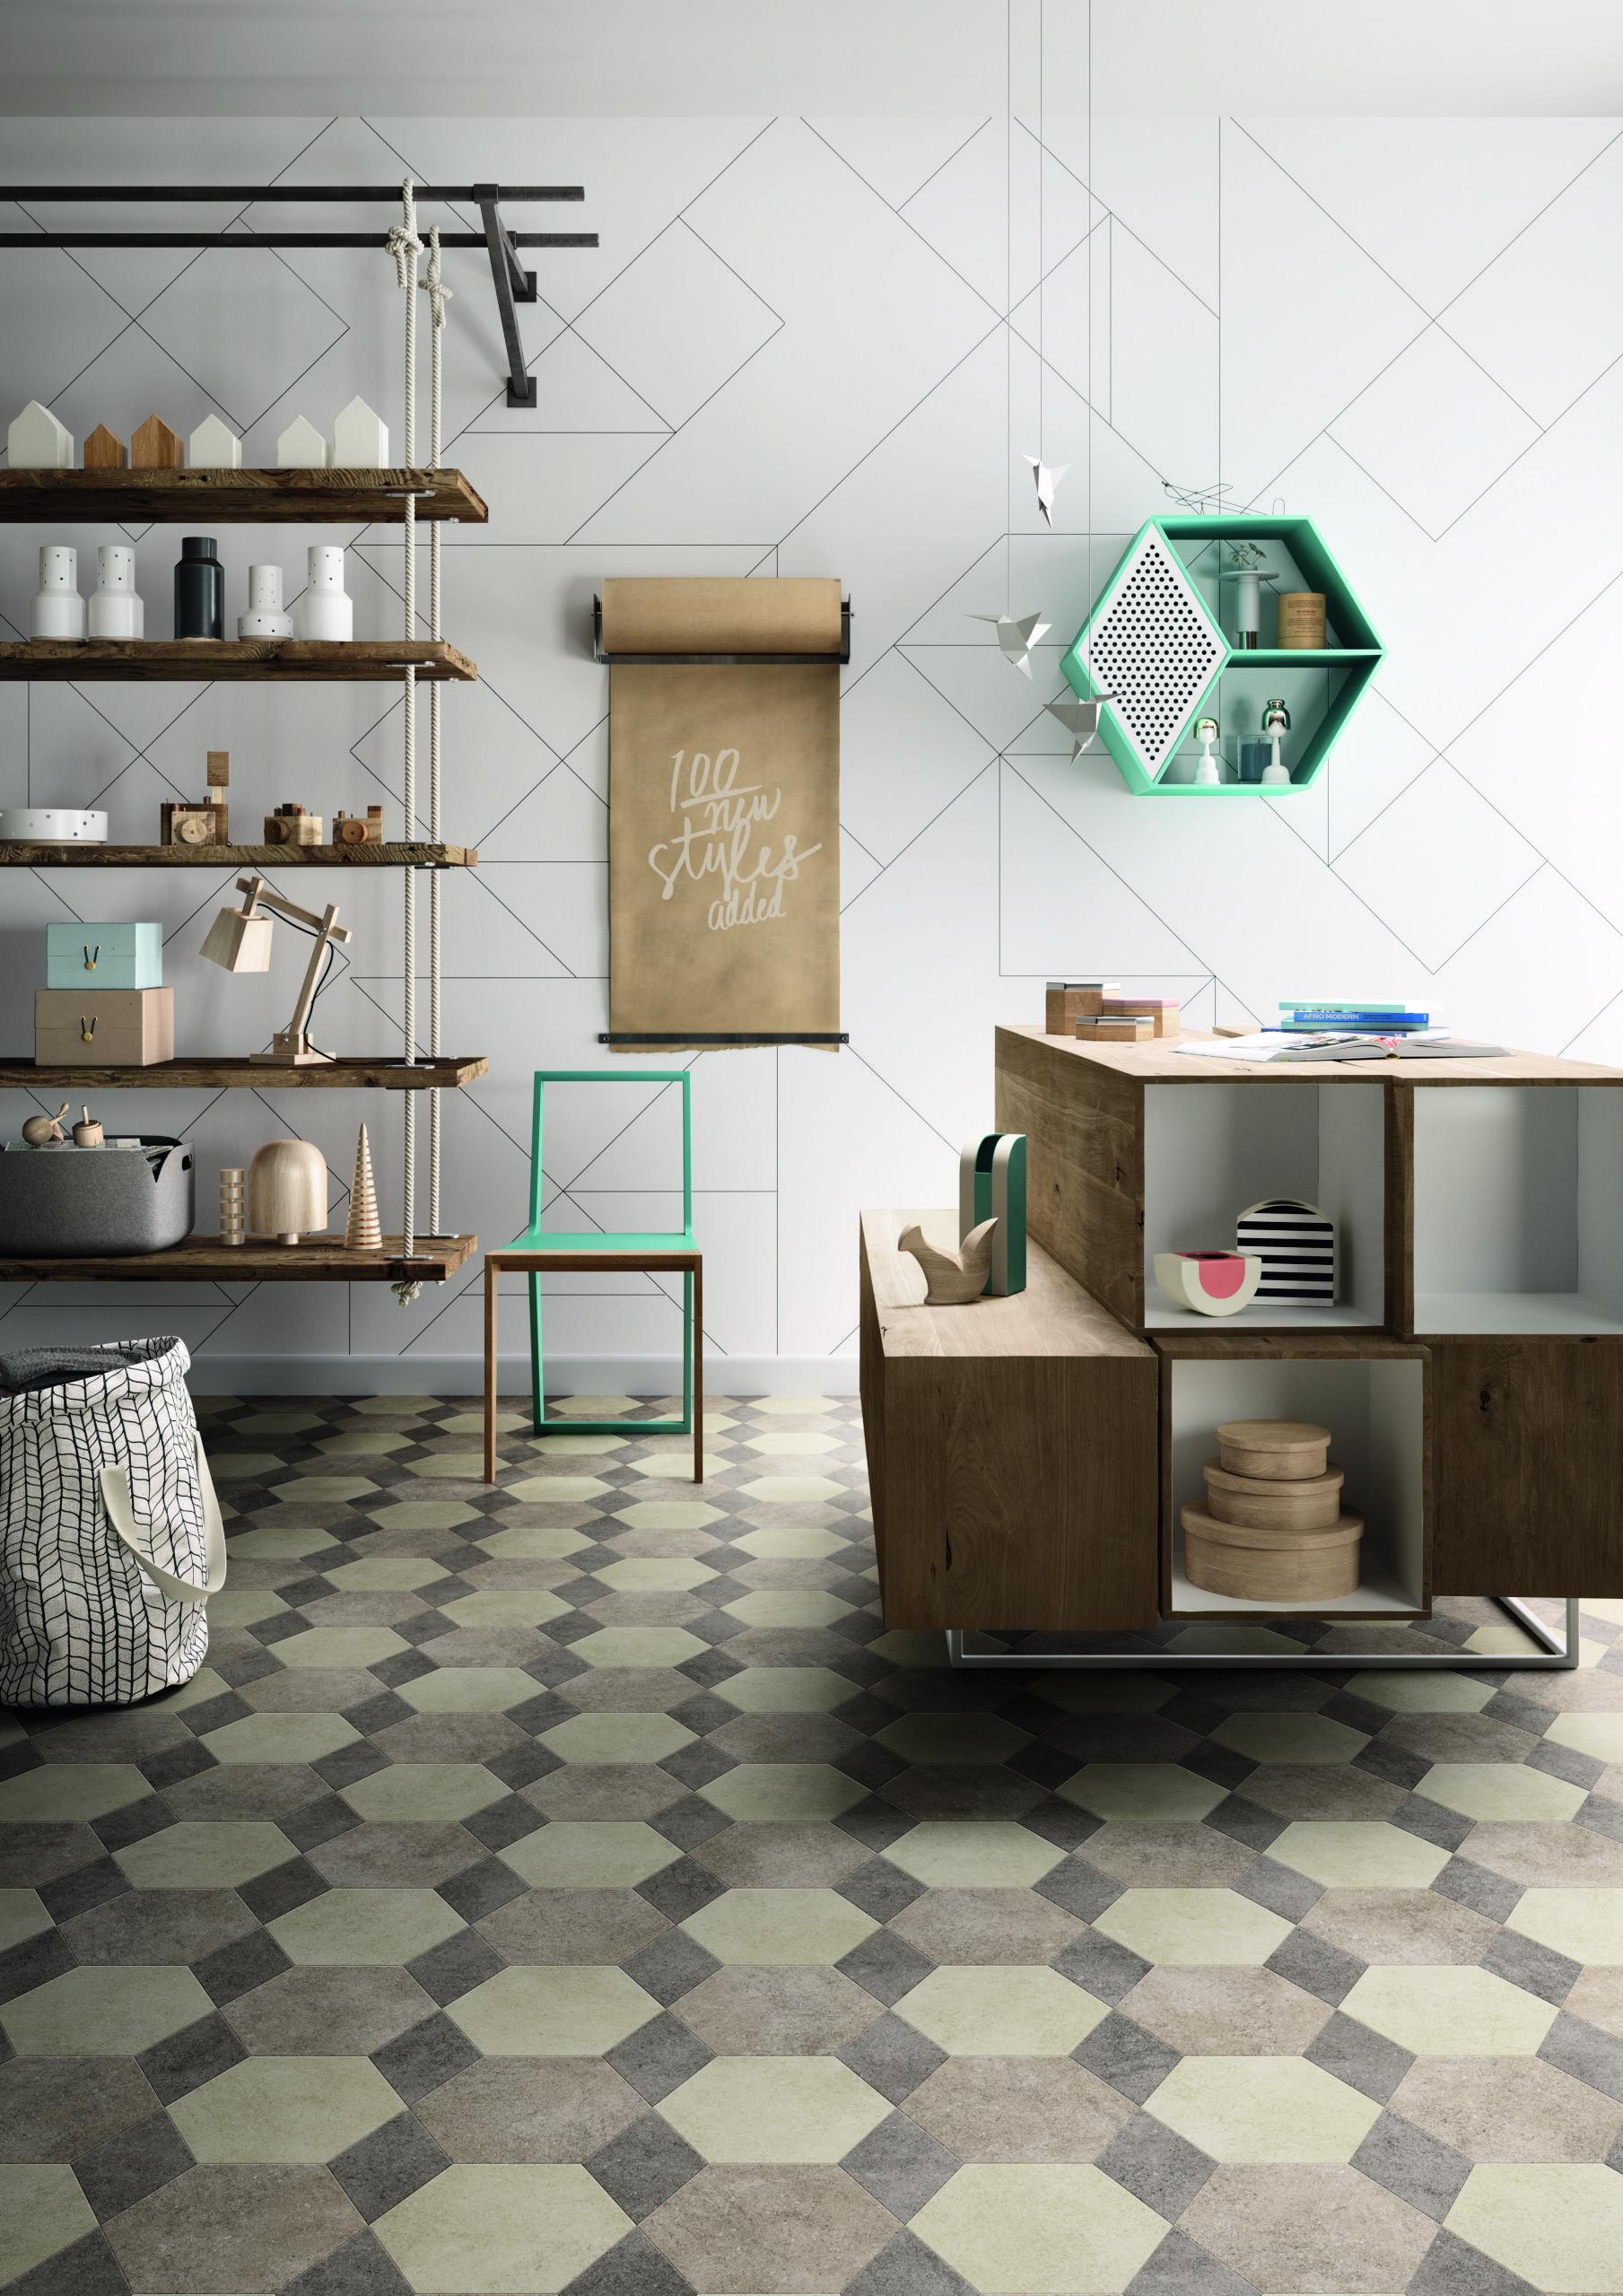 awesome badkamer ideeen met vinyl retro vloer